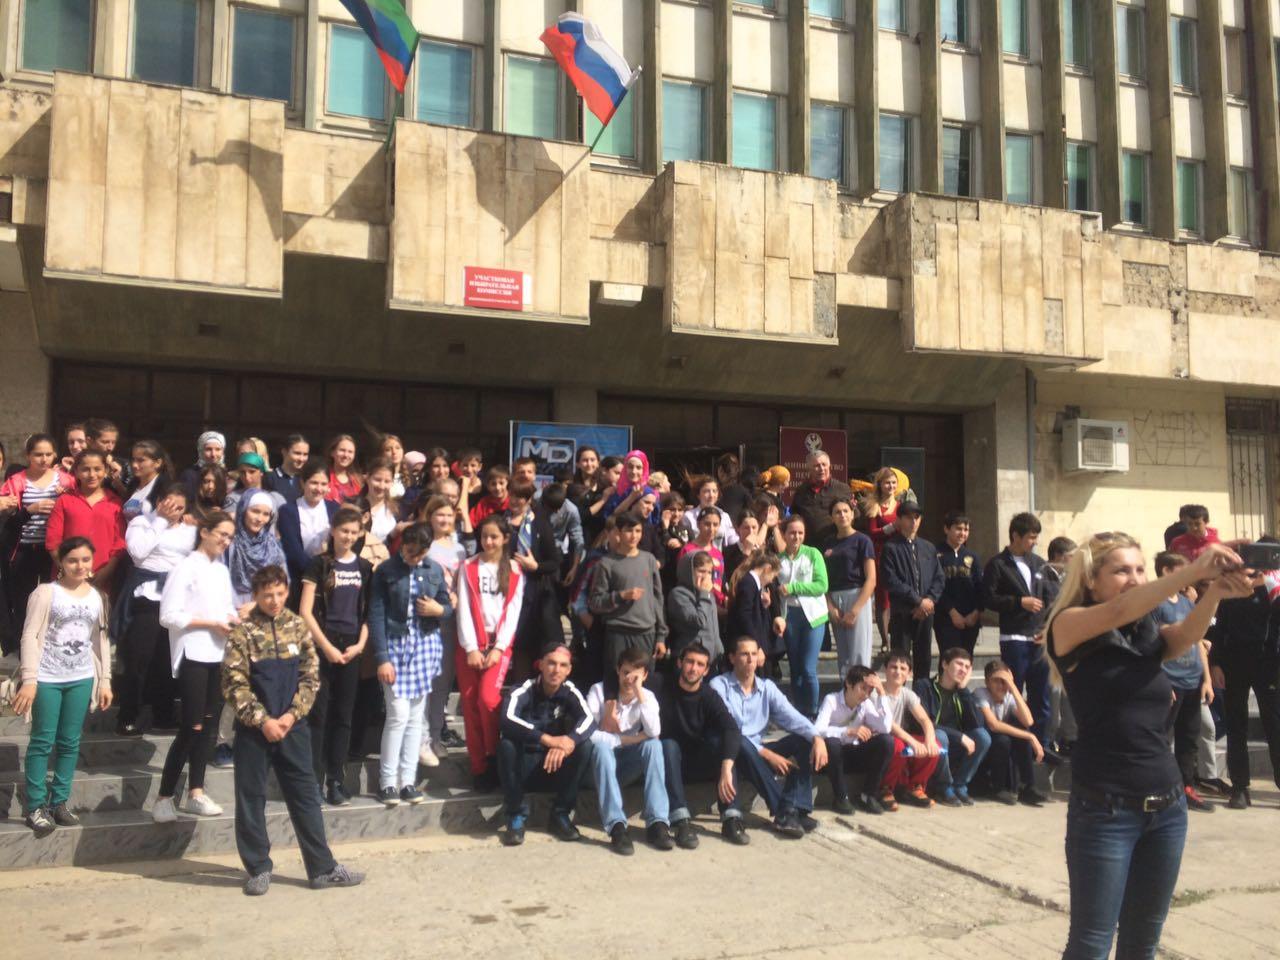 Более 100 человек приняли участие в танцевальном флешмобе к 95-летию газеты «Молодежь Дагестана»